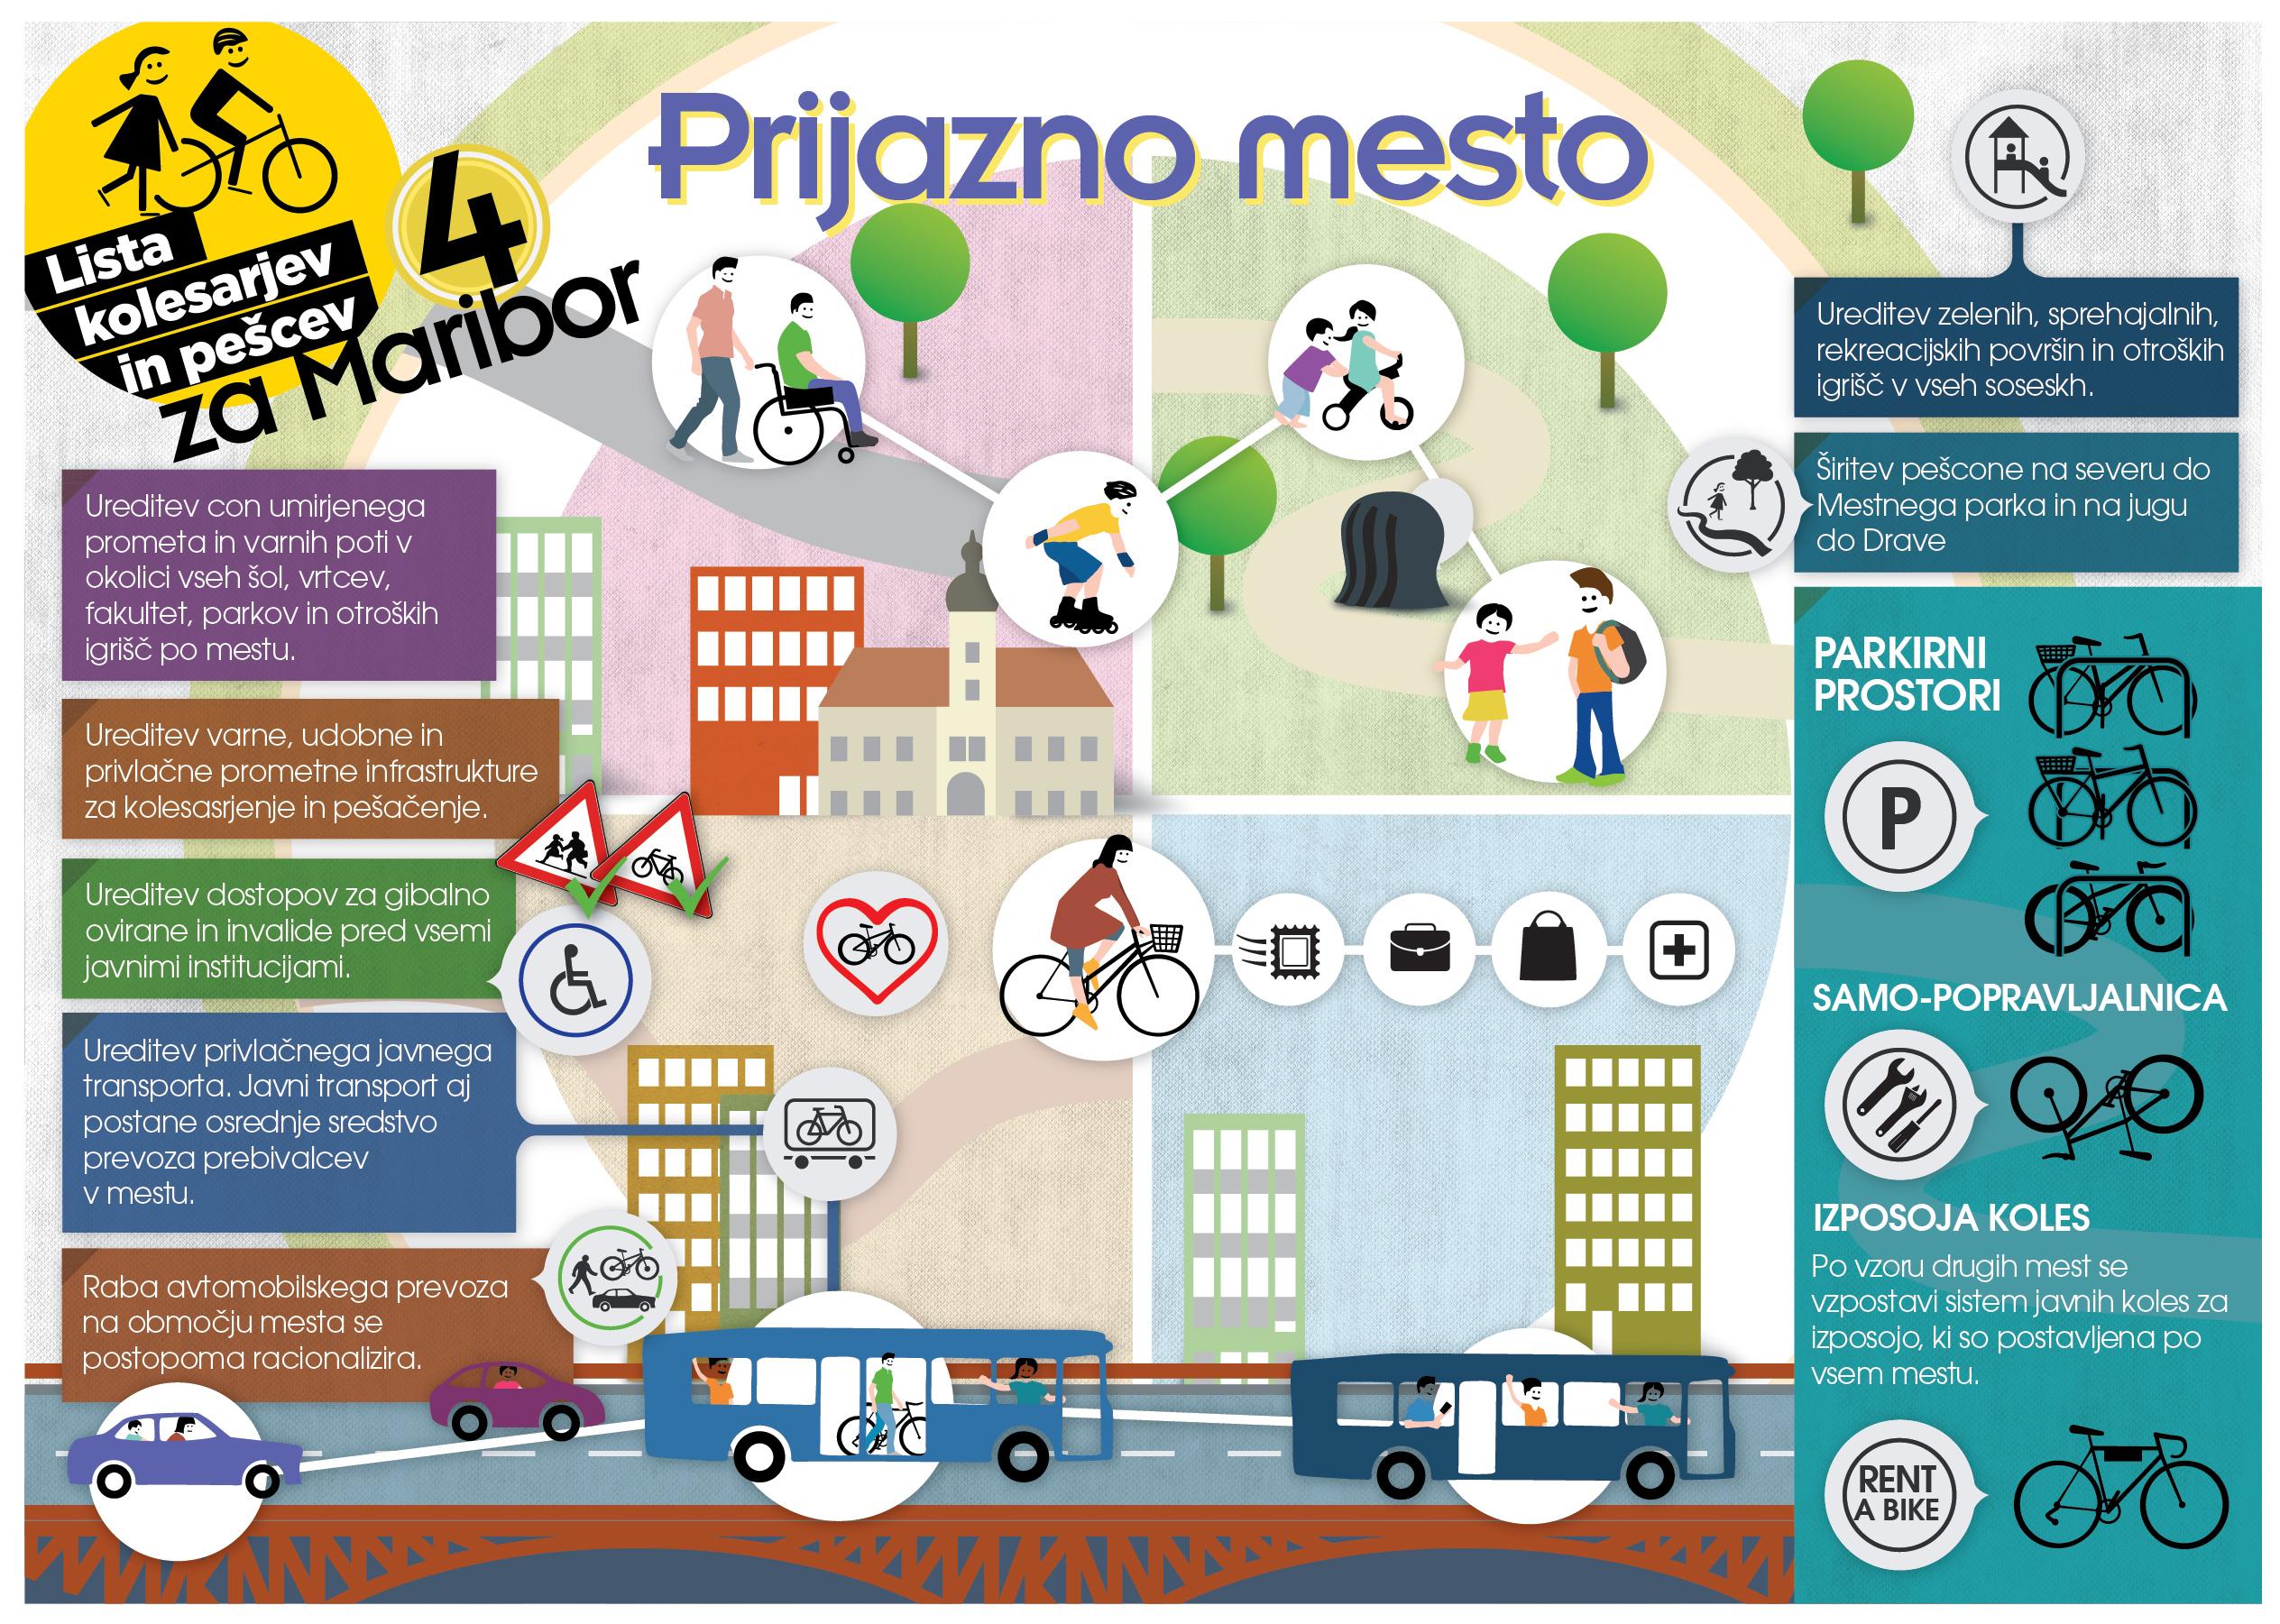 Lista-kolesarjev-in-pešcev-program-2014